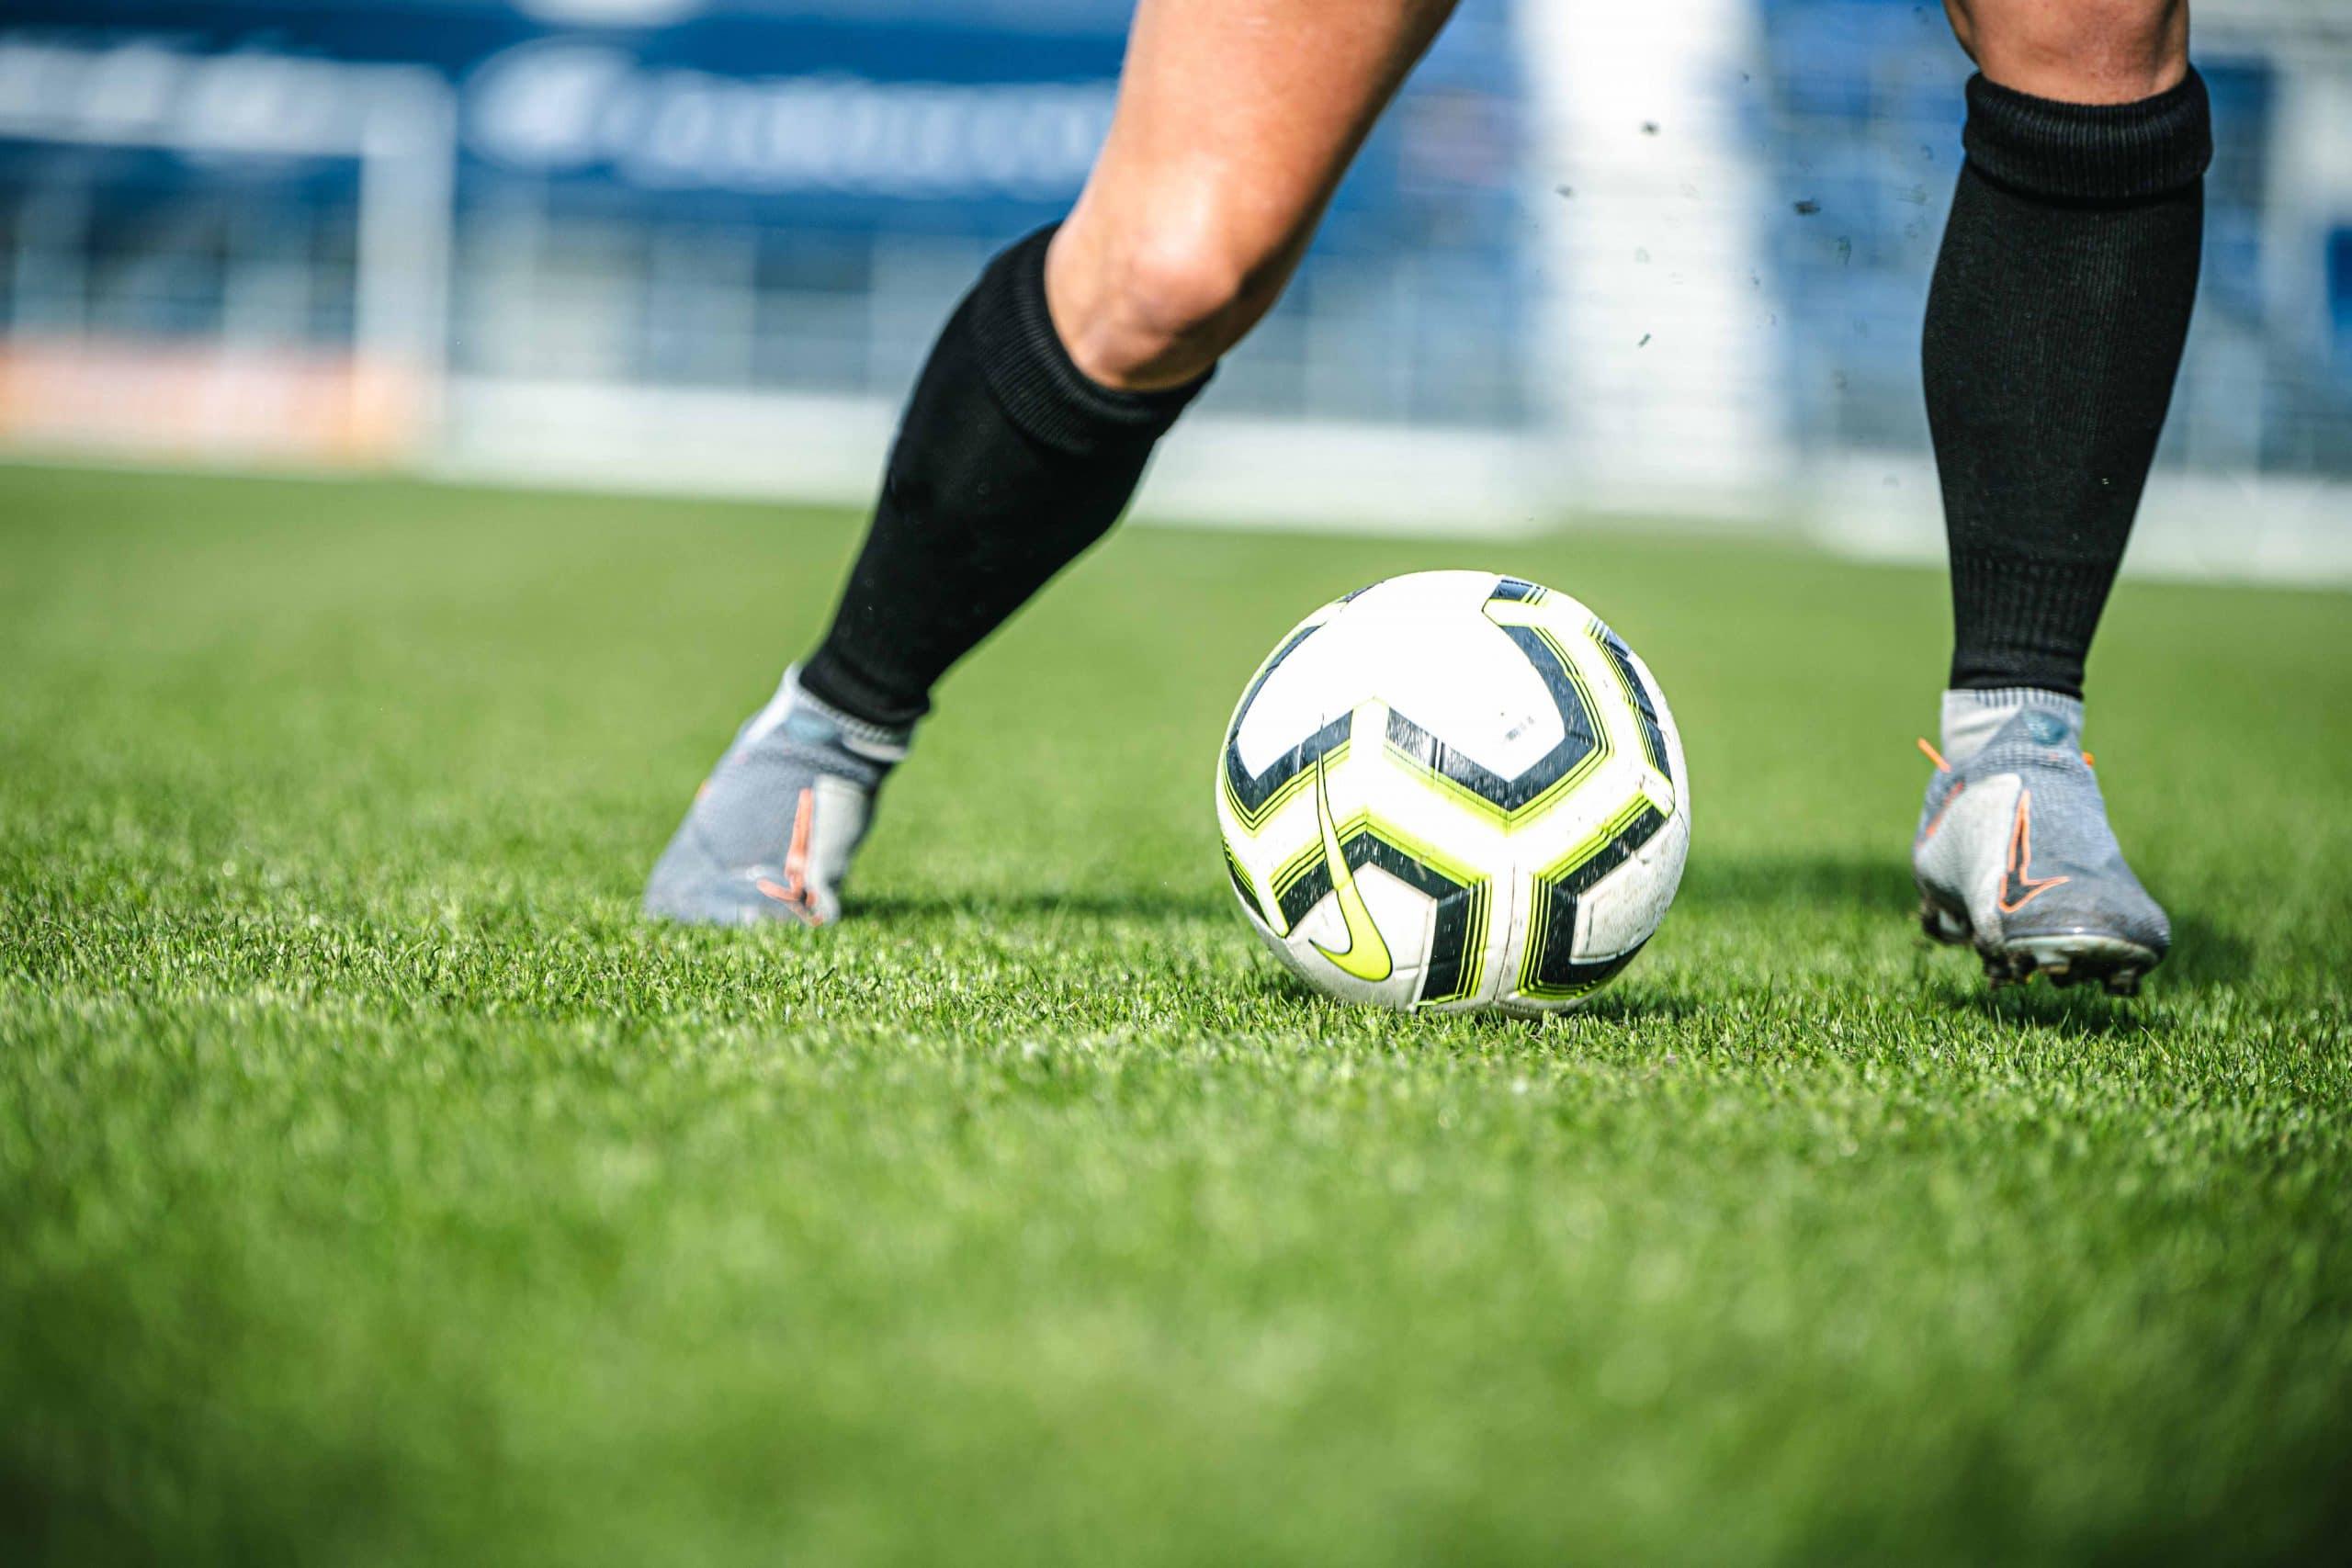 voetbalschoenen kopen aandachtspunten